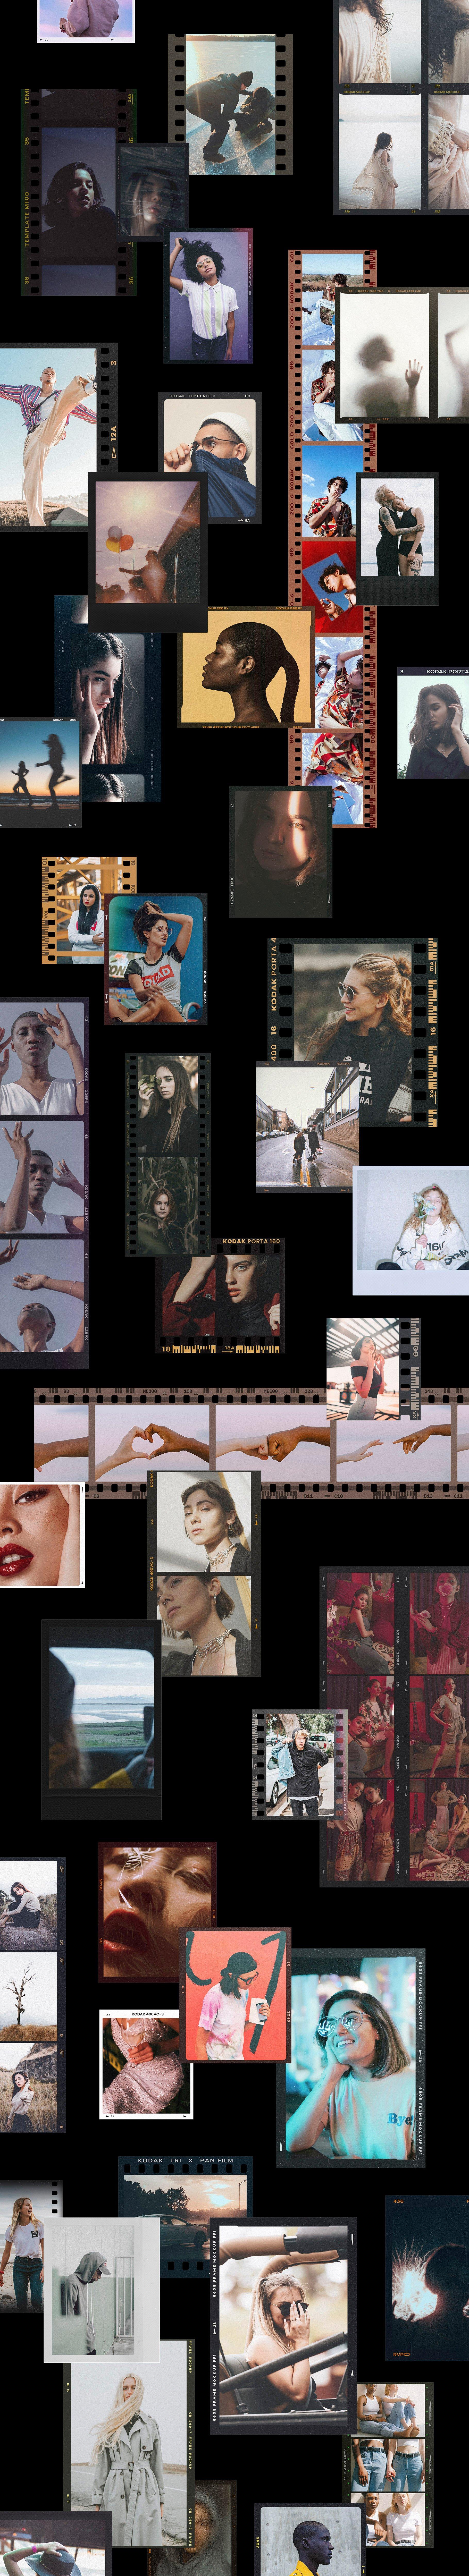 120款复古质感胶卷底片相片边框特效滤镜样机模板 Film Frame Mockup Template Bundle插图(88)